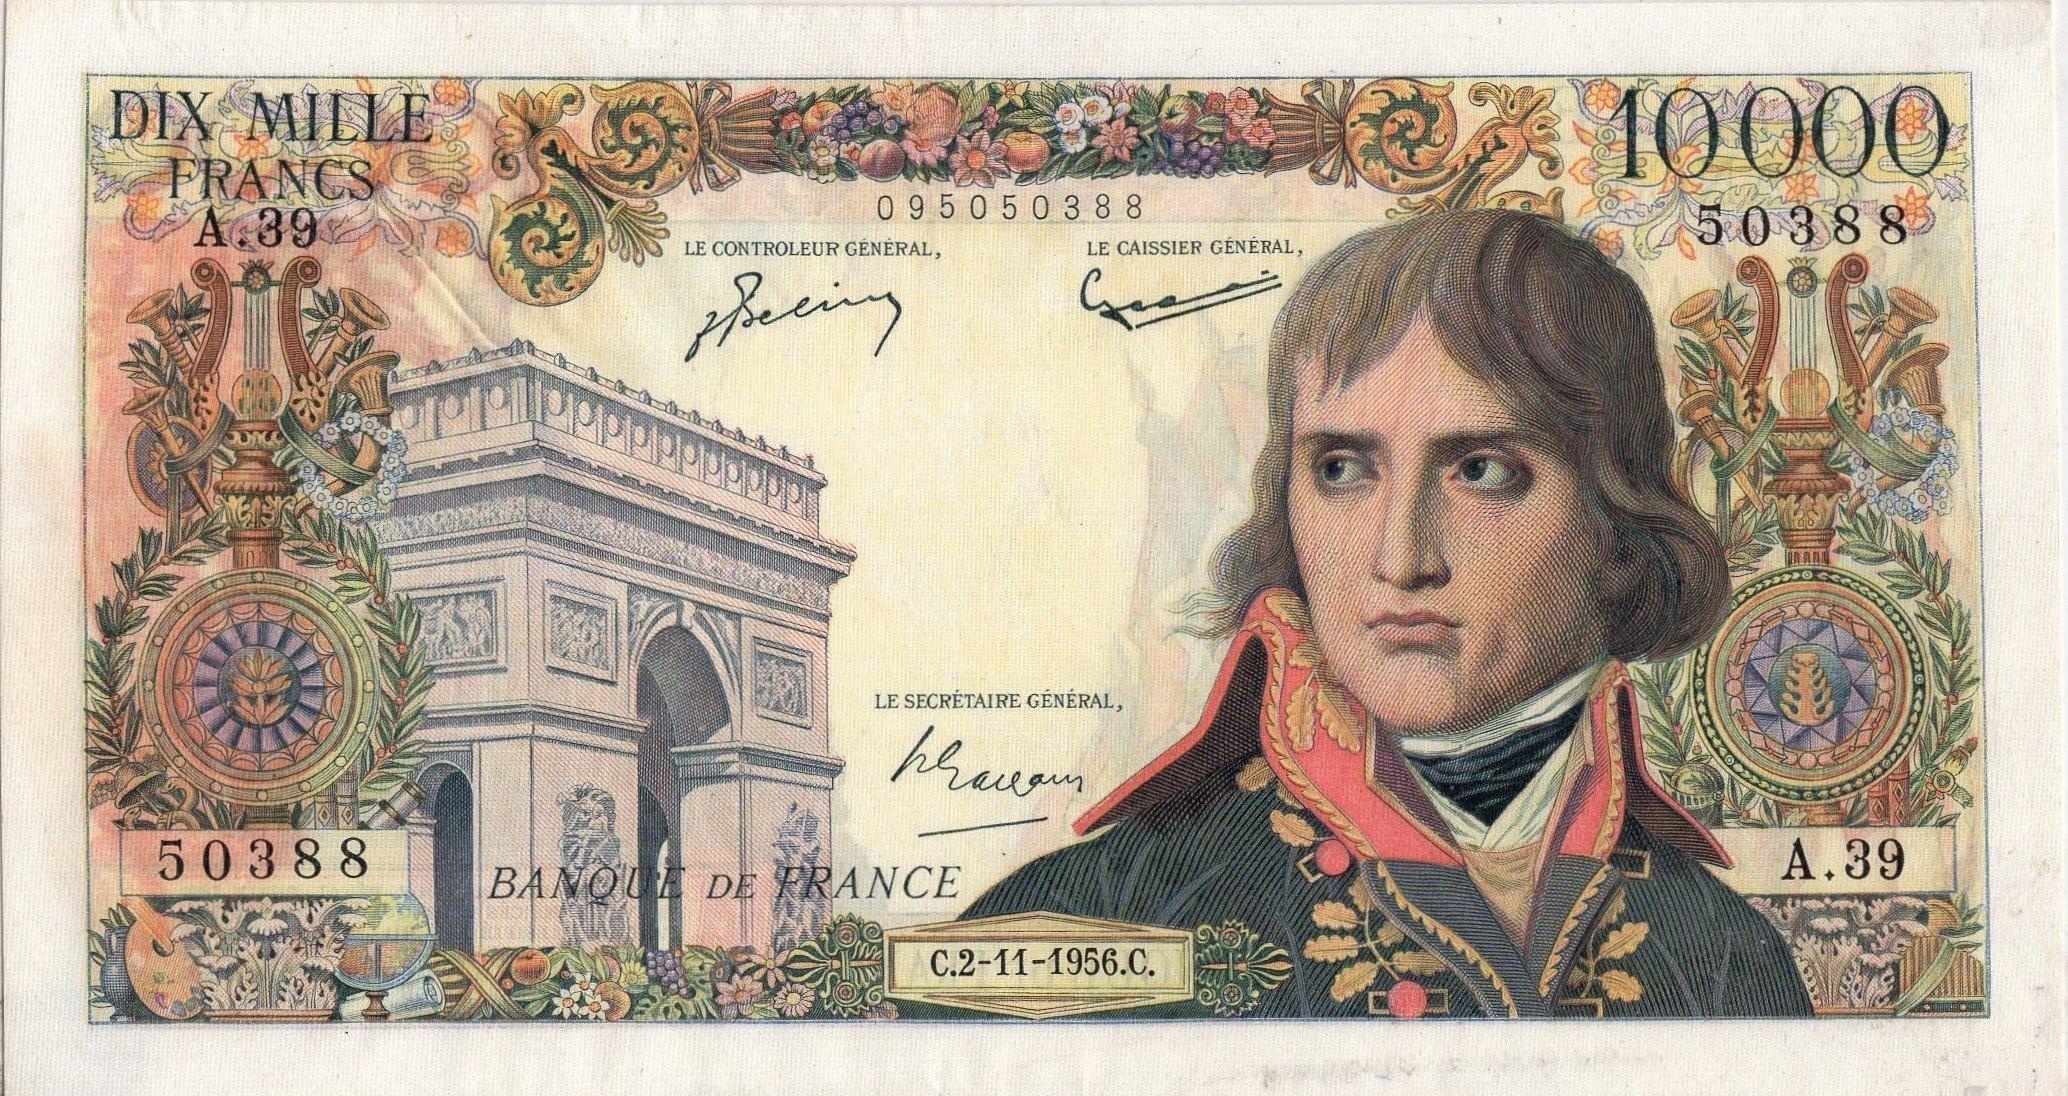 france 10000 francs